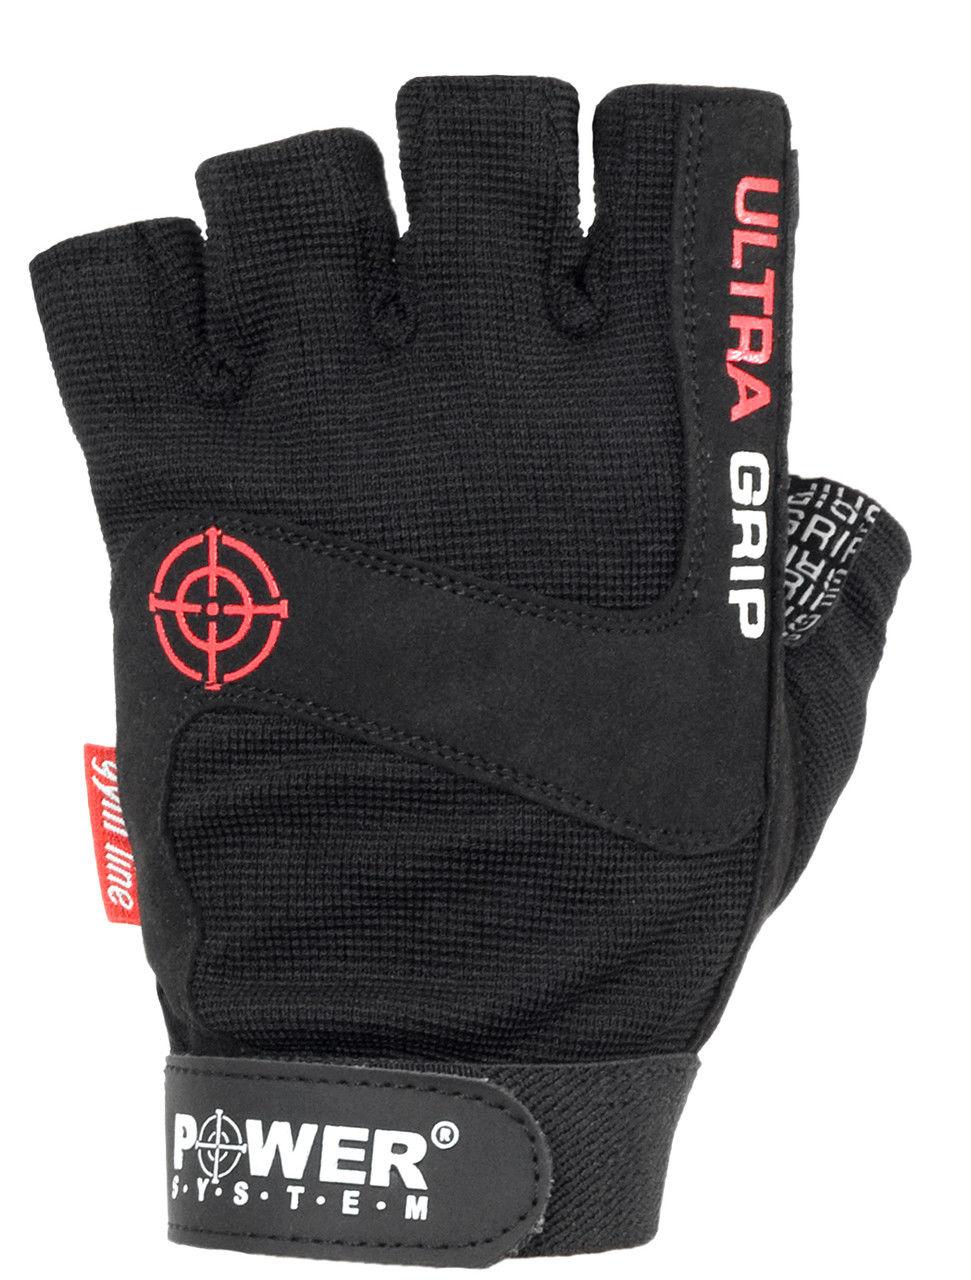 Перчатки Power System Ultra Grip PS-2400 фото видео изображение